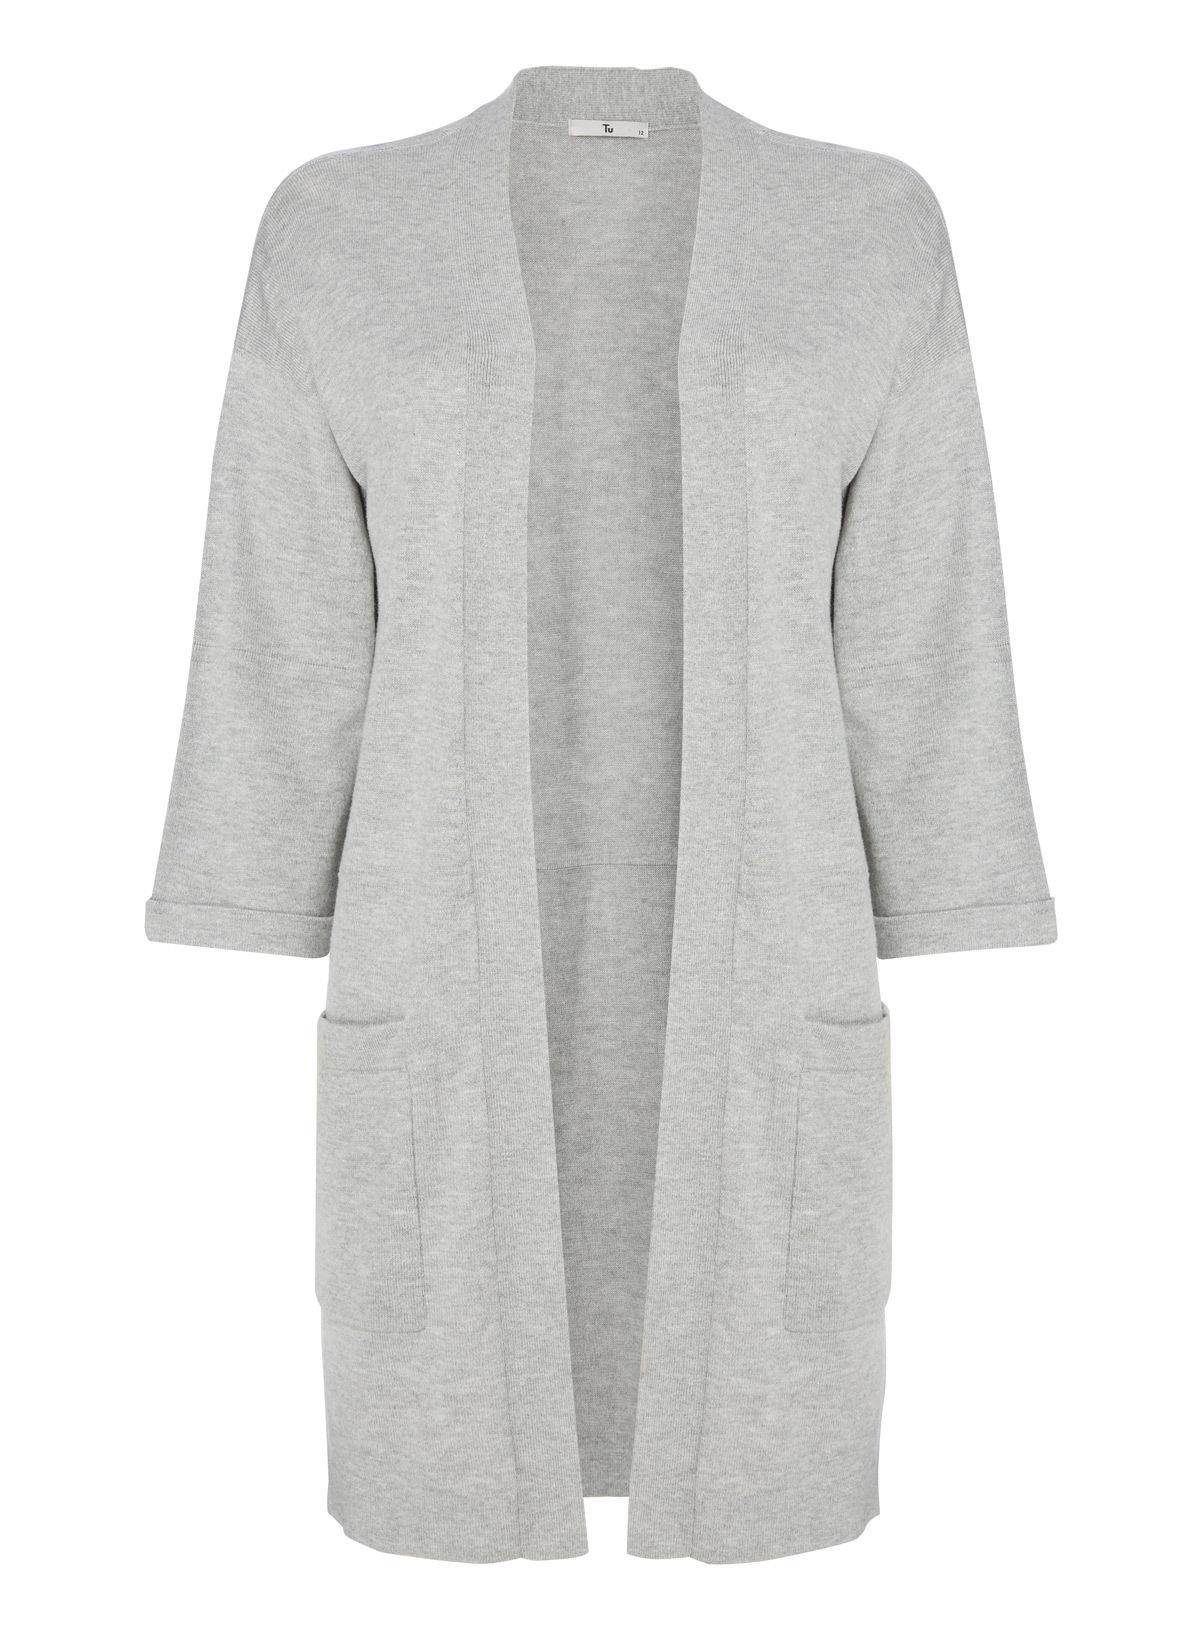 Womens Grey Longline Cardigan | Tu clothing